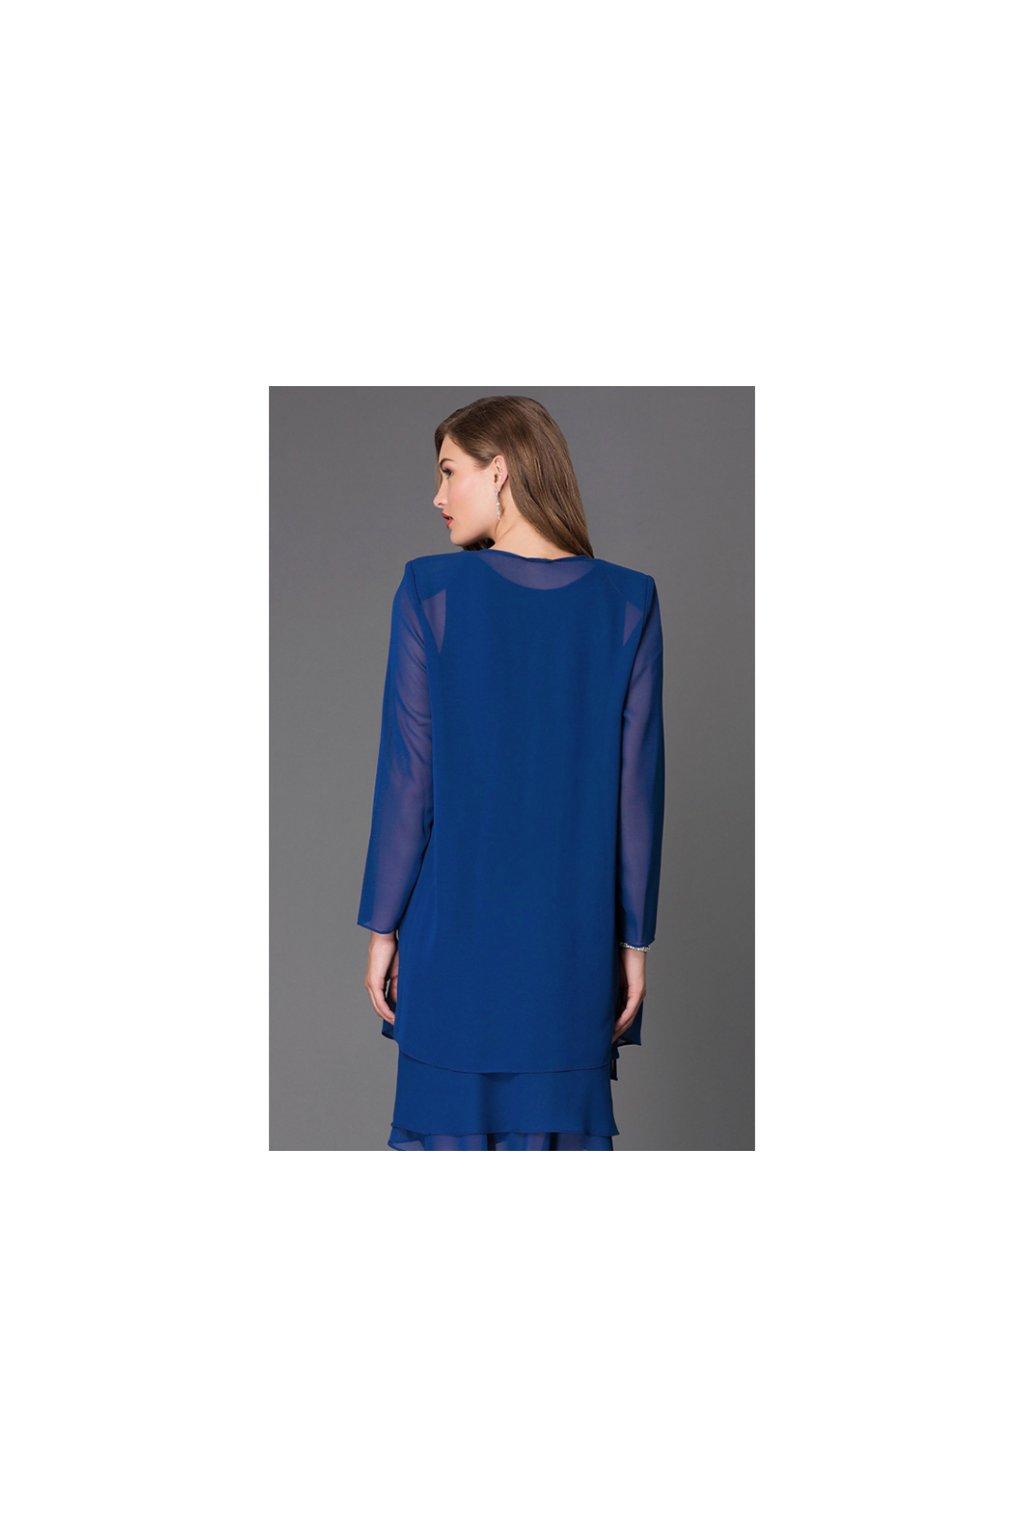 Krásné společenské šaty Lady Emilly s kabátkem tmavě modré 4